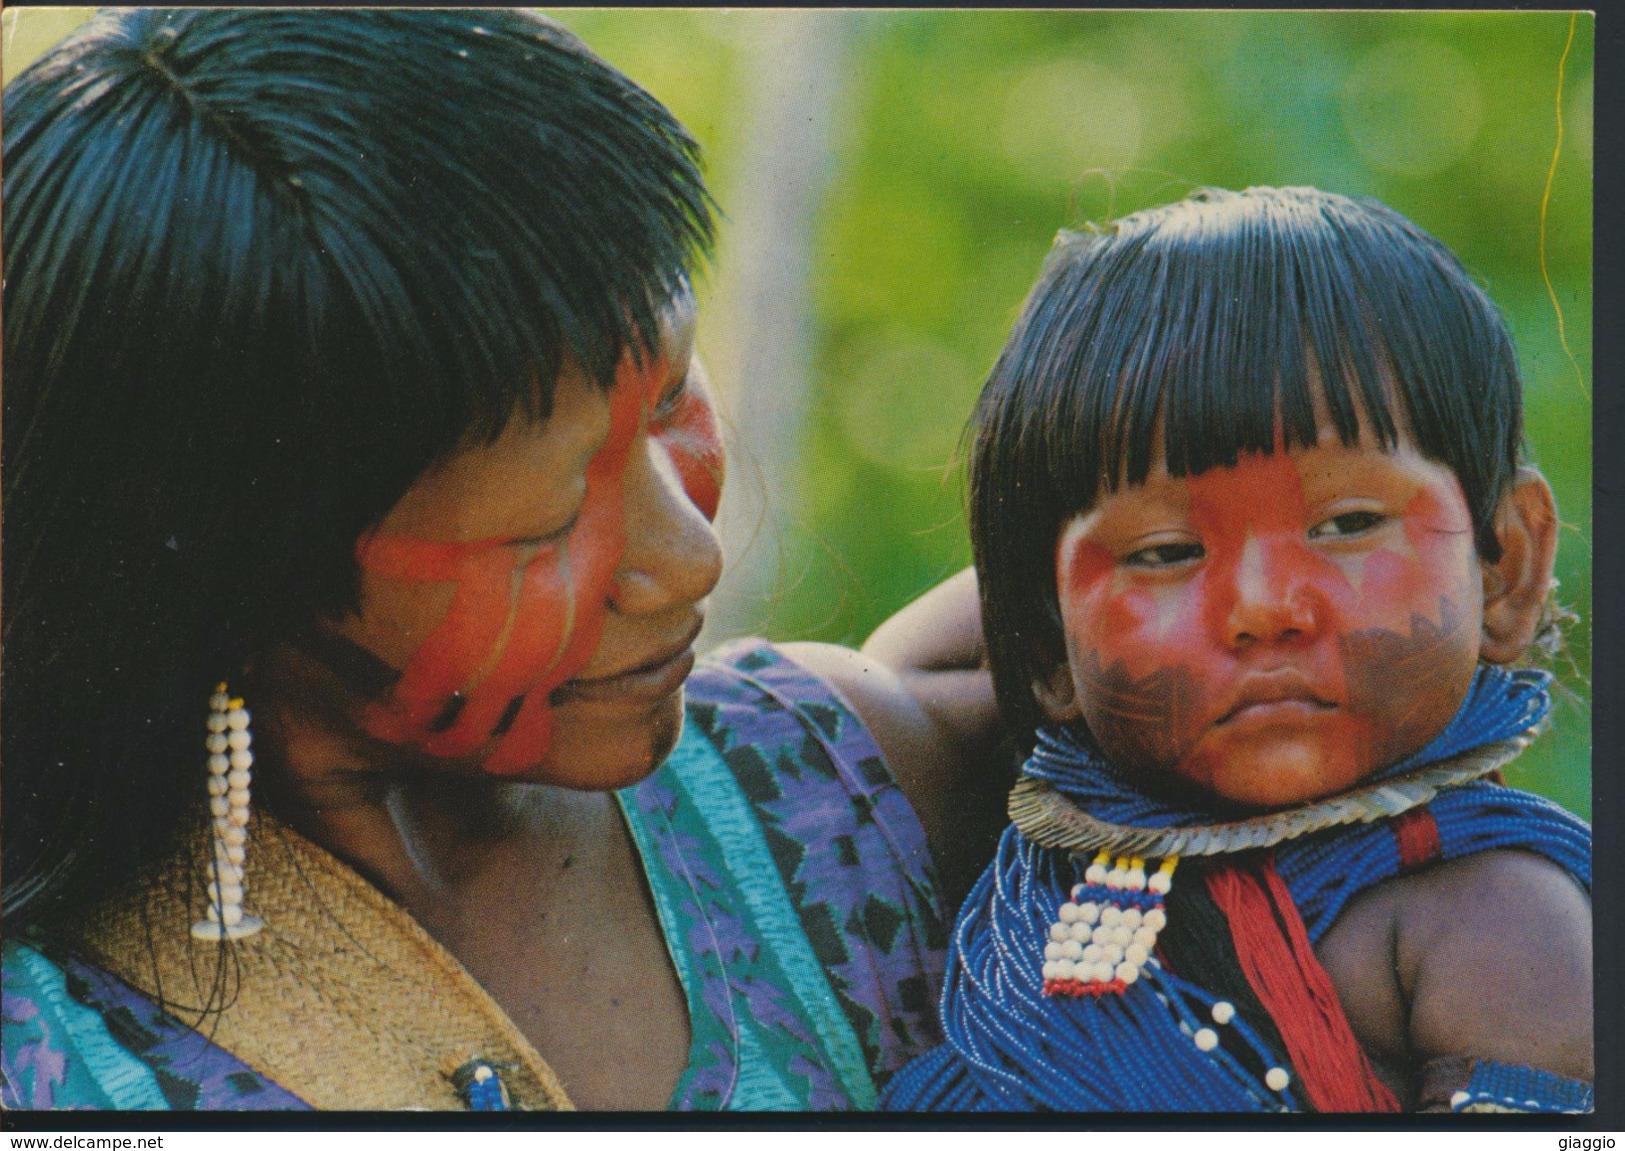 °°° 3590 - BRASIL - AMAZZONIA - BAMBINA IN BRACCIO ALLA MADRE °°° - Manaus